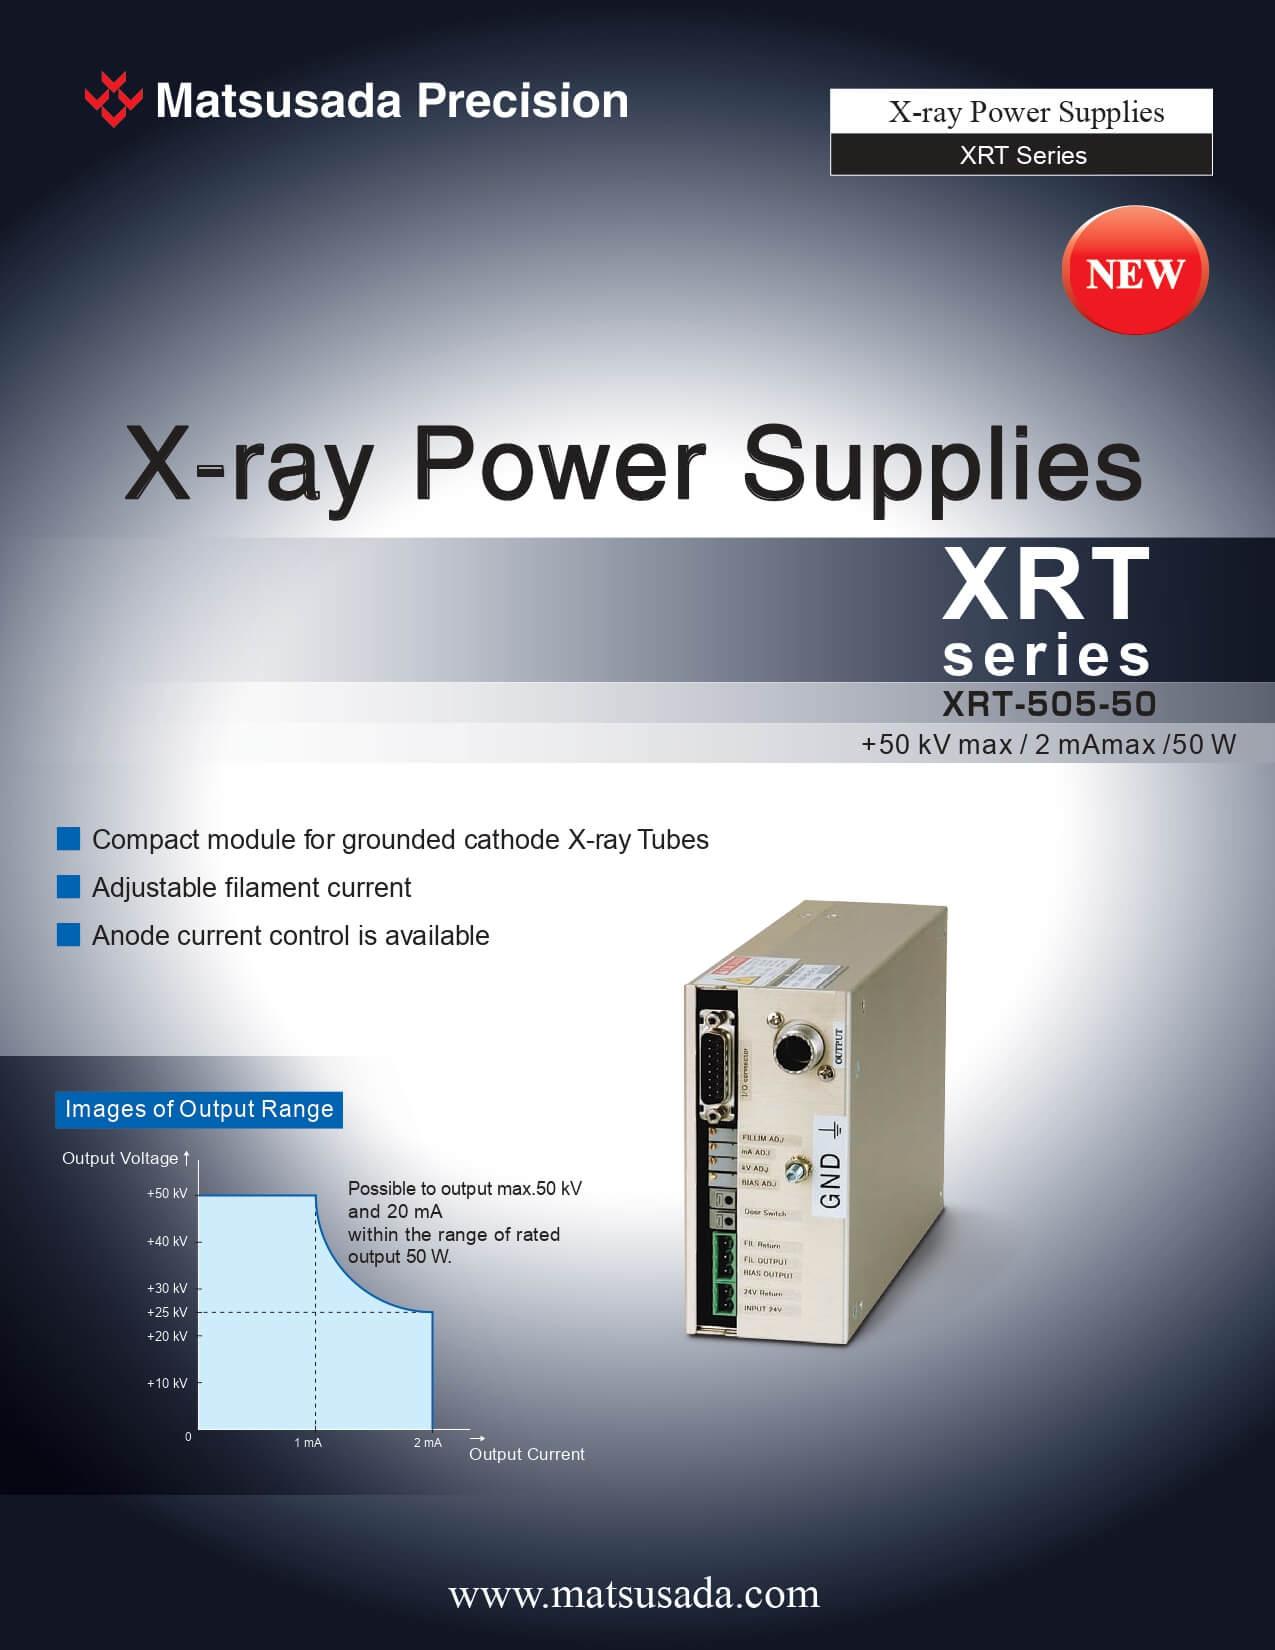 XRT series Datasheet